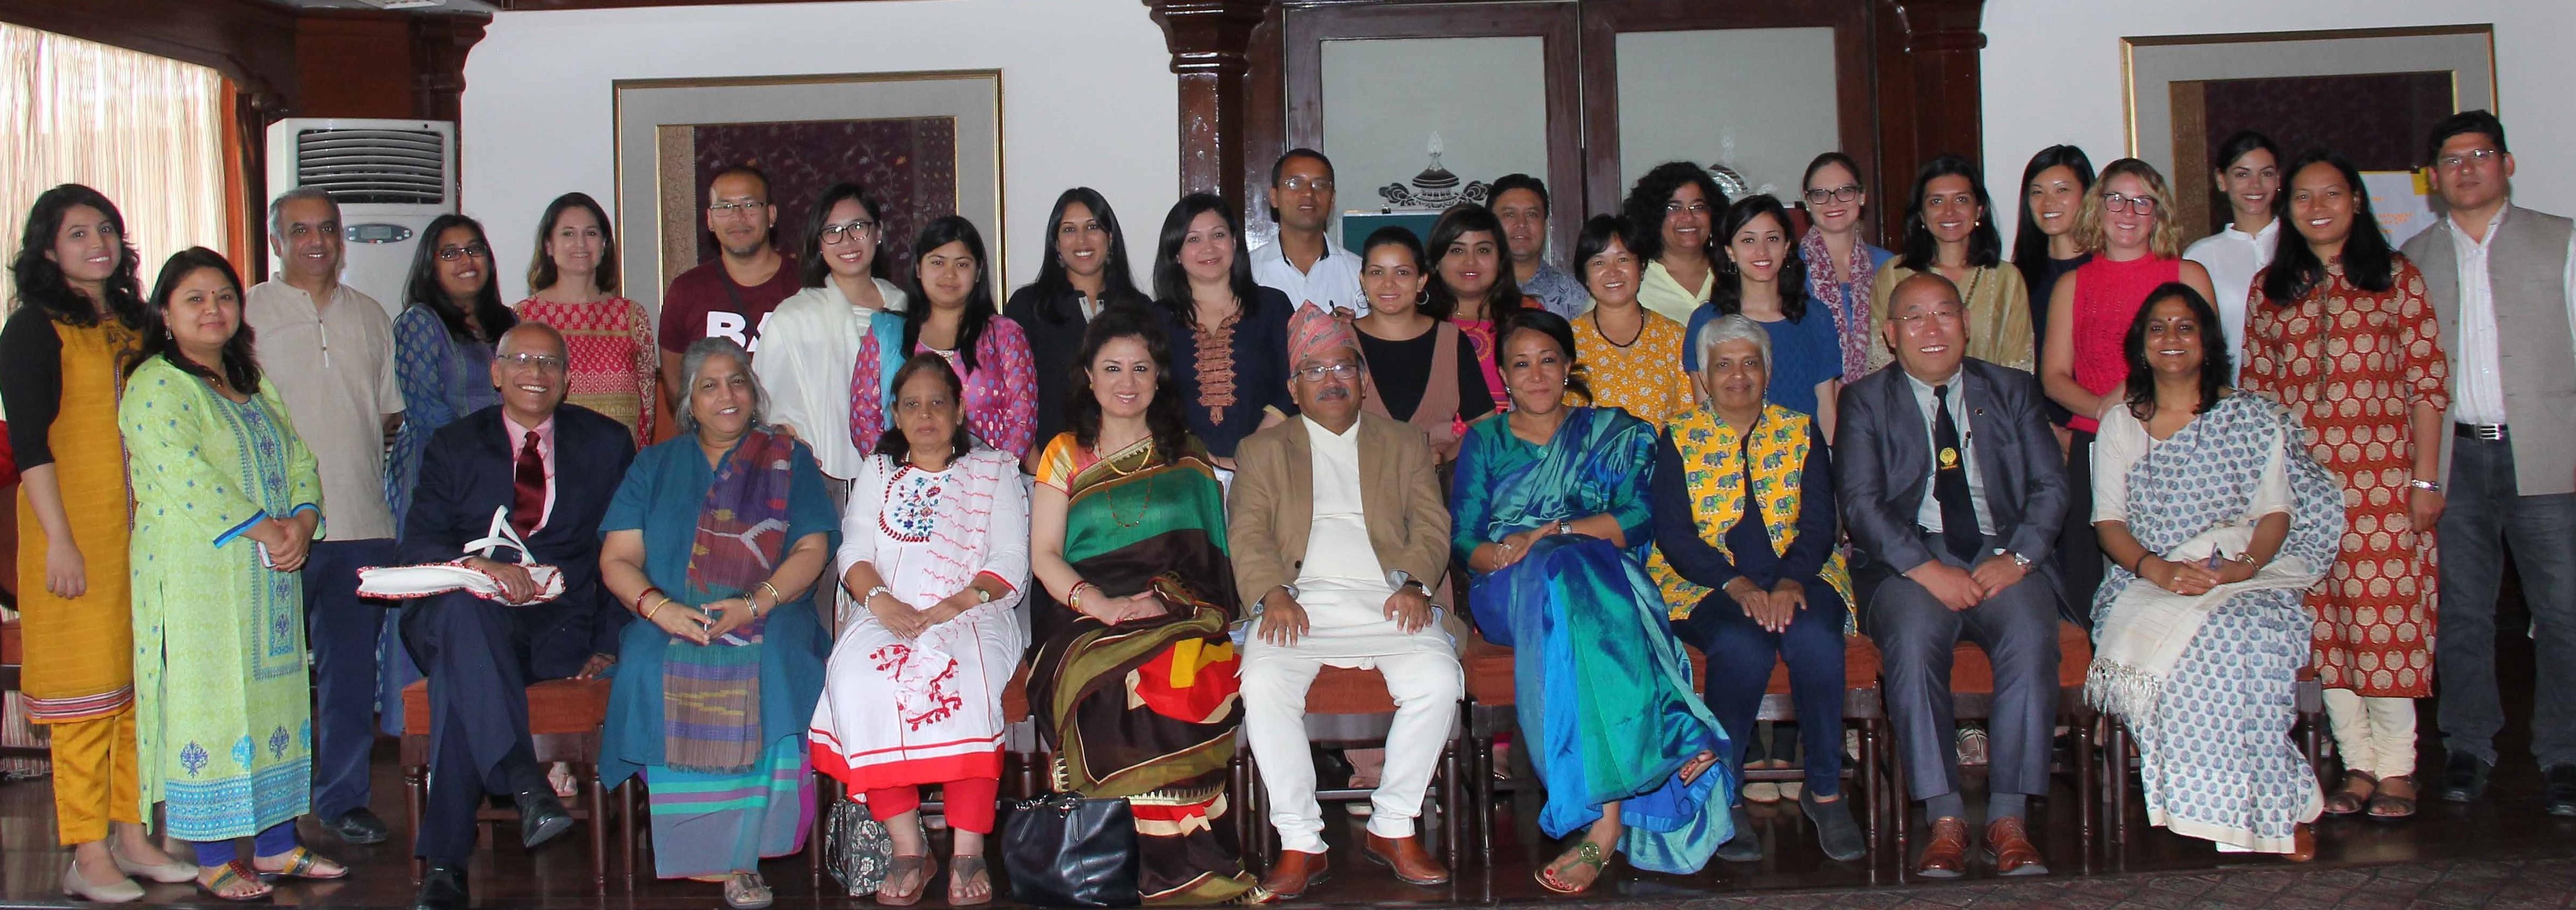 SARJAI group pic with Adv Com (2)